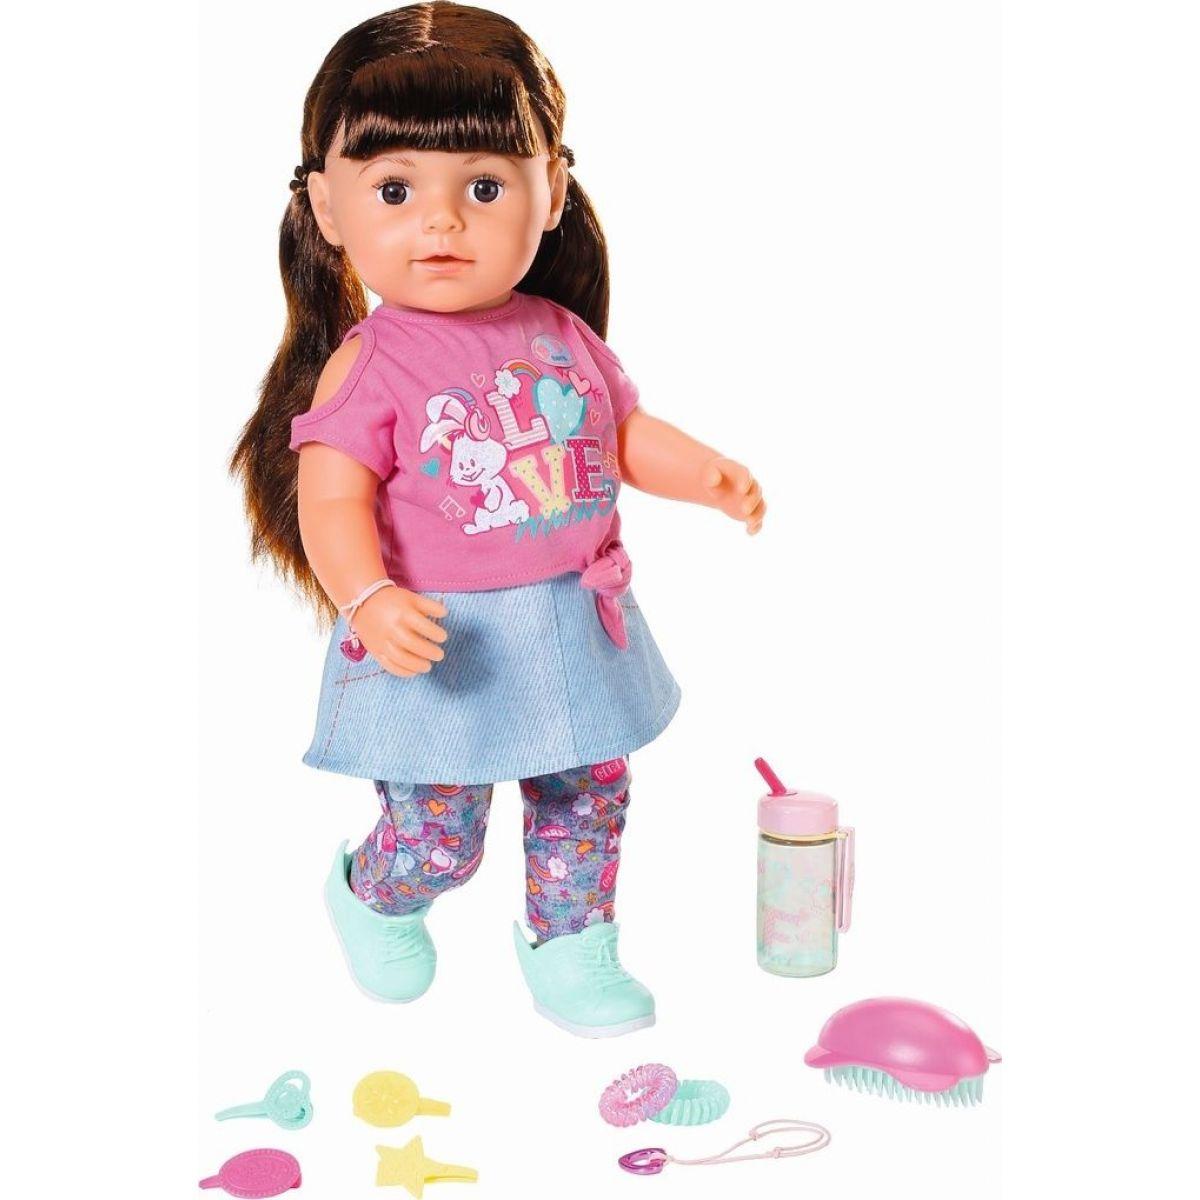 Zapf Creation BABY born Starší sestřička Soft Touch brunetka, 43 cm